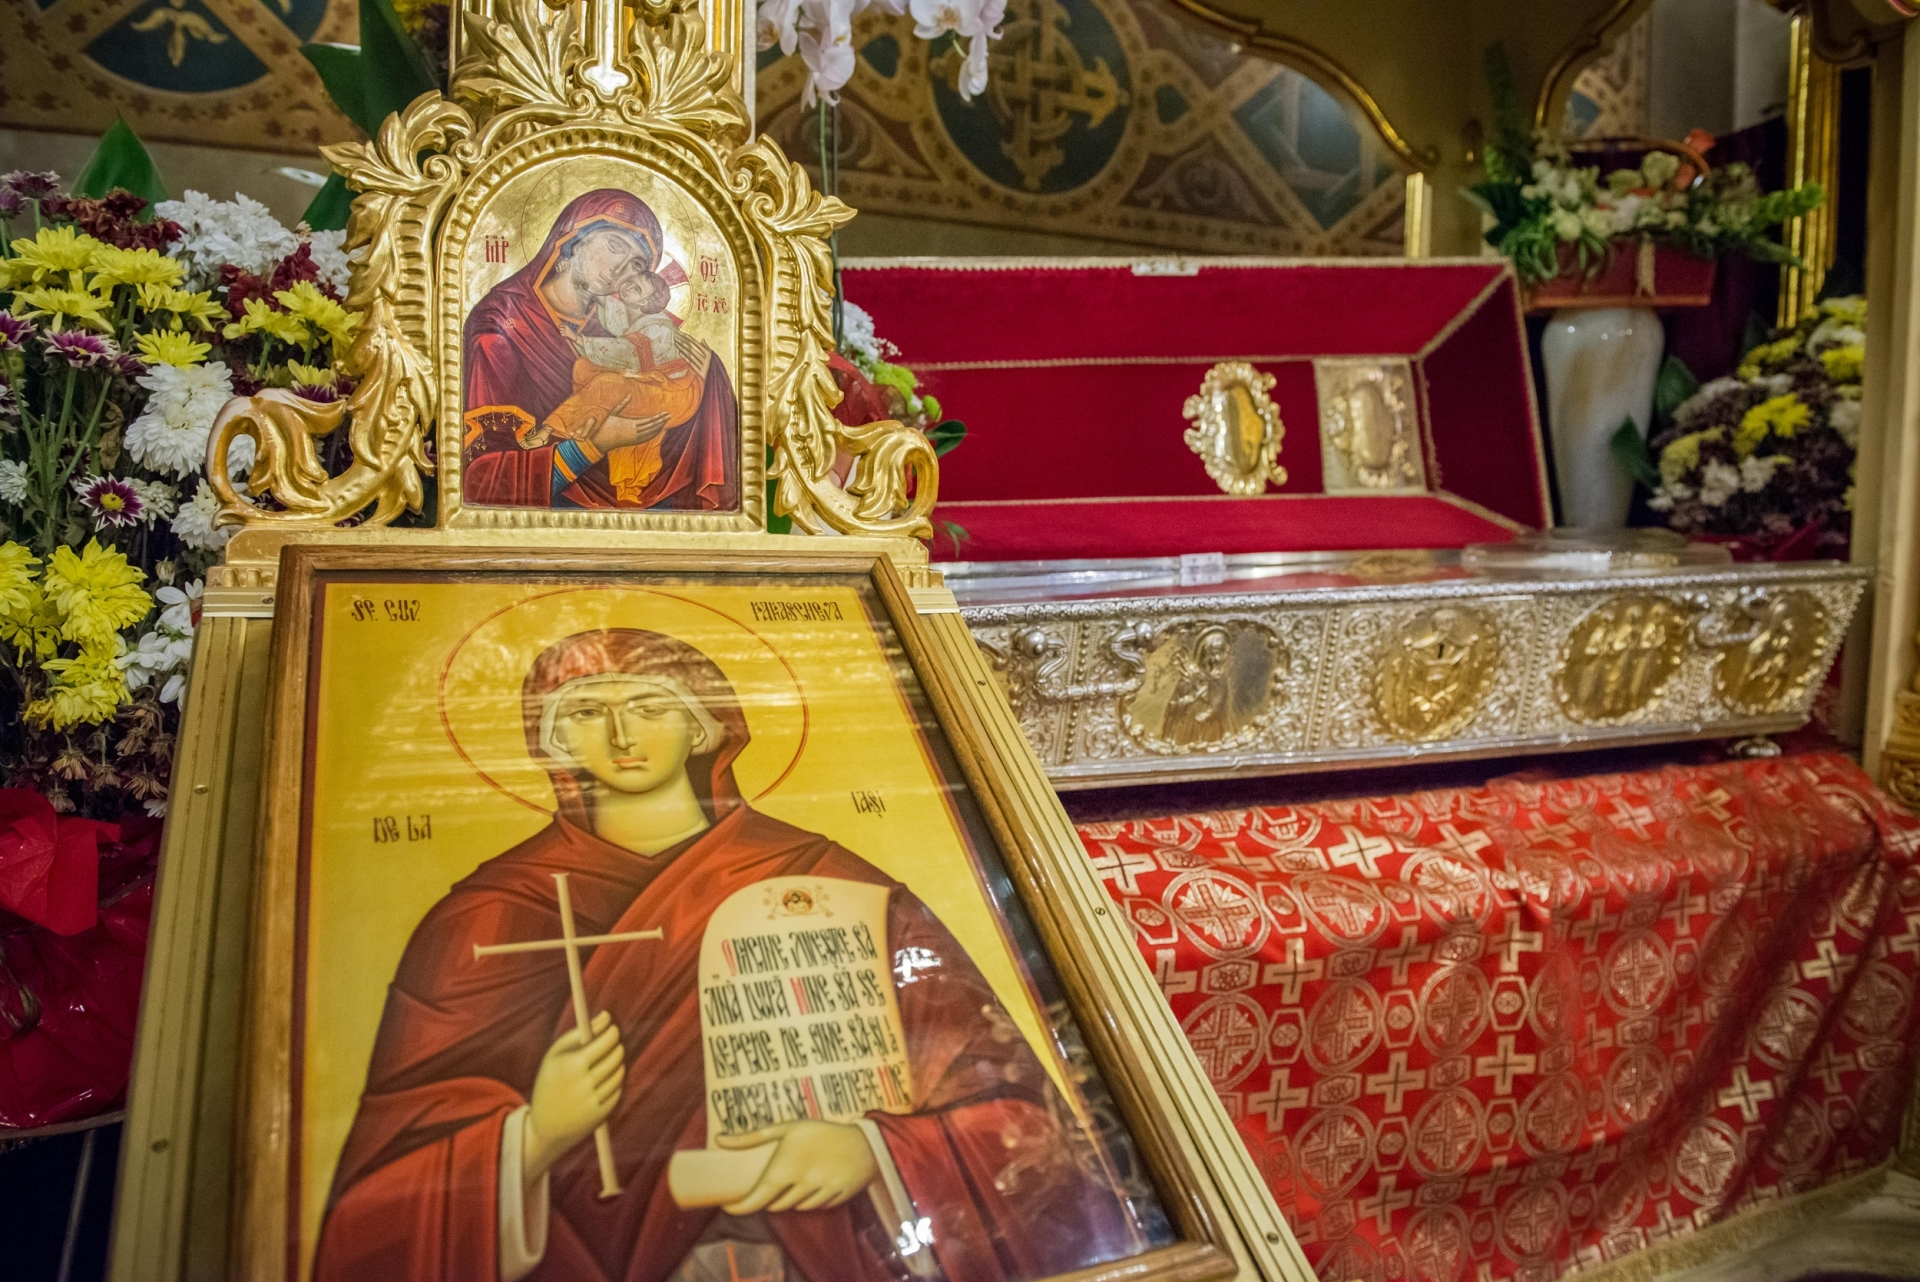 Racla cu moaștele Sfintei Parascheva, alături de o icoană.